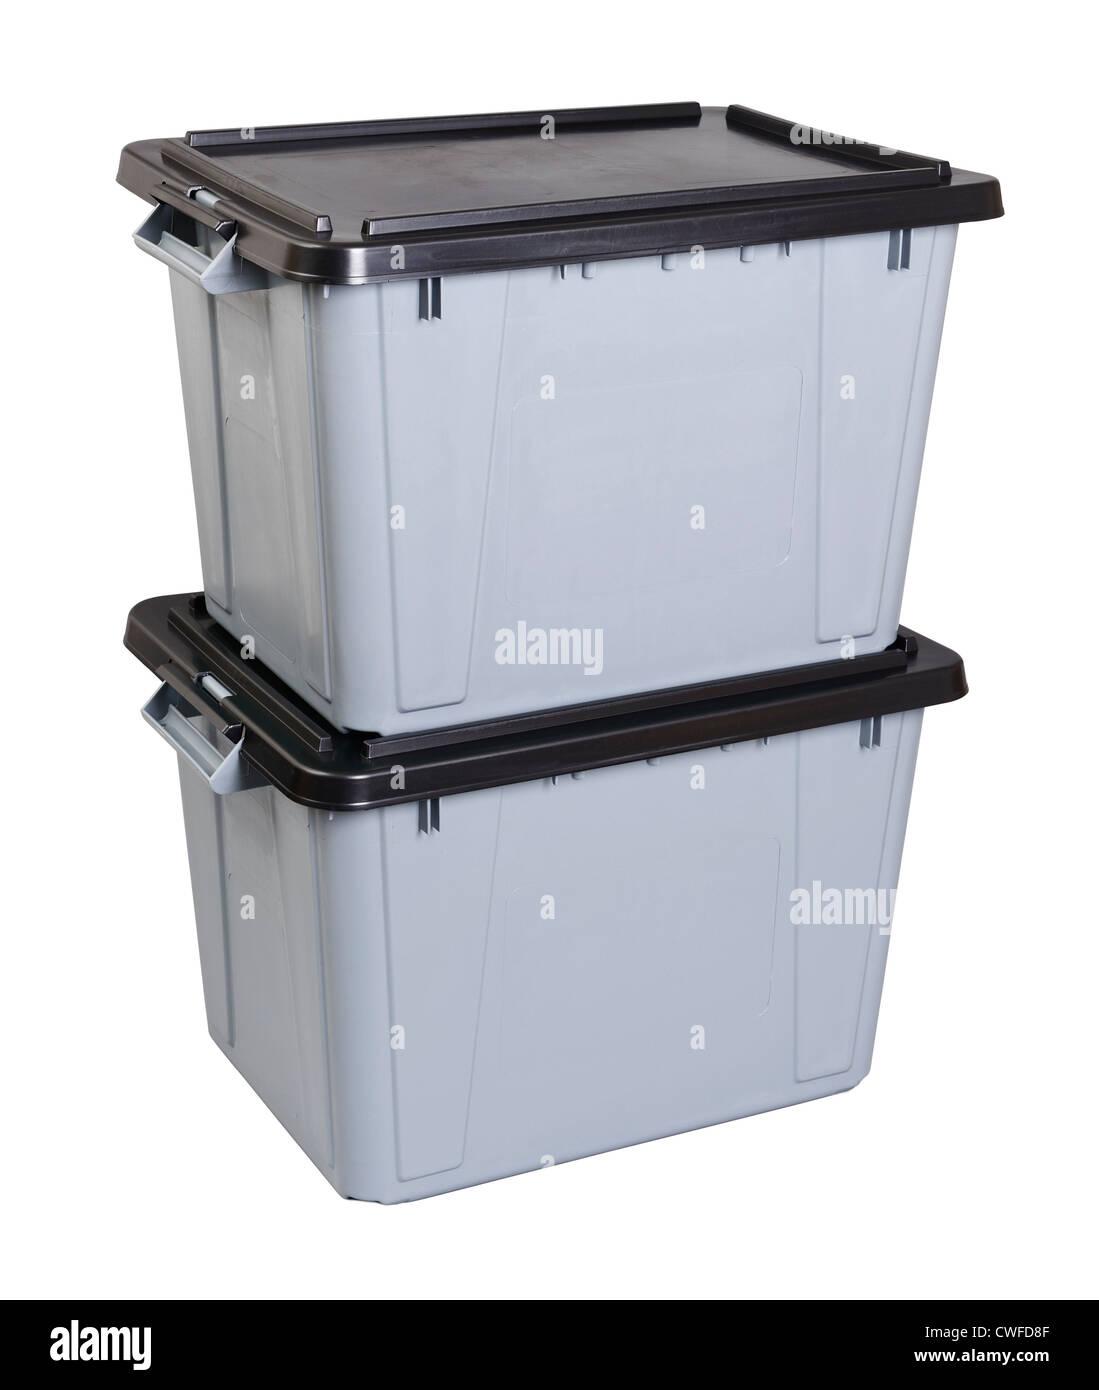 Due di plastica grigia scatole di stoccaggio Immagini Stock